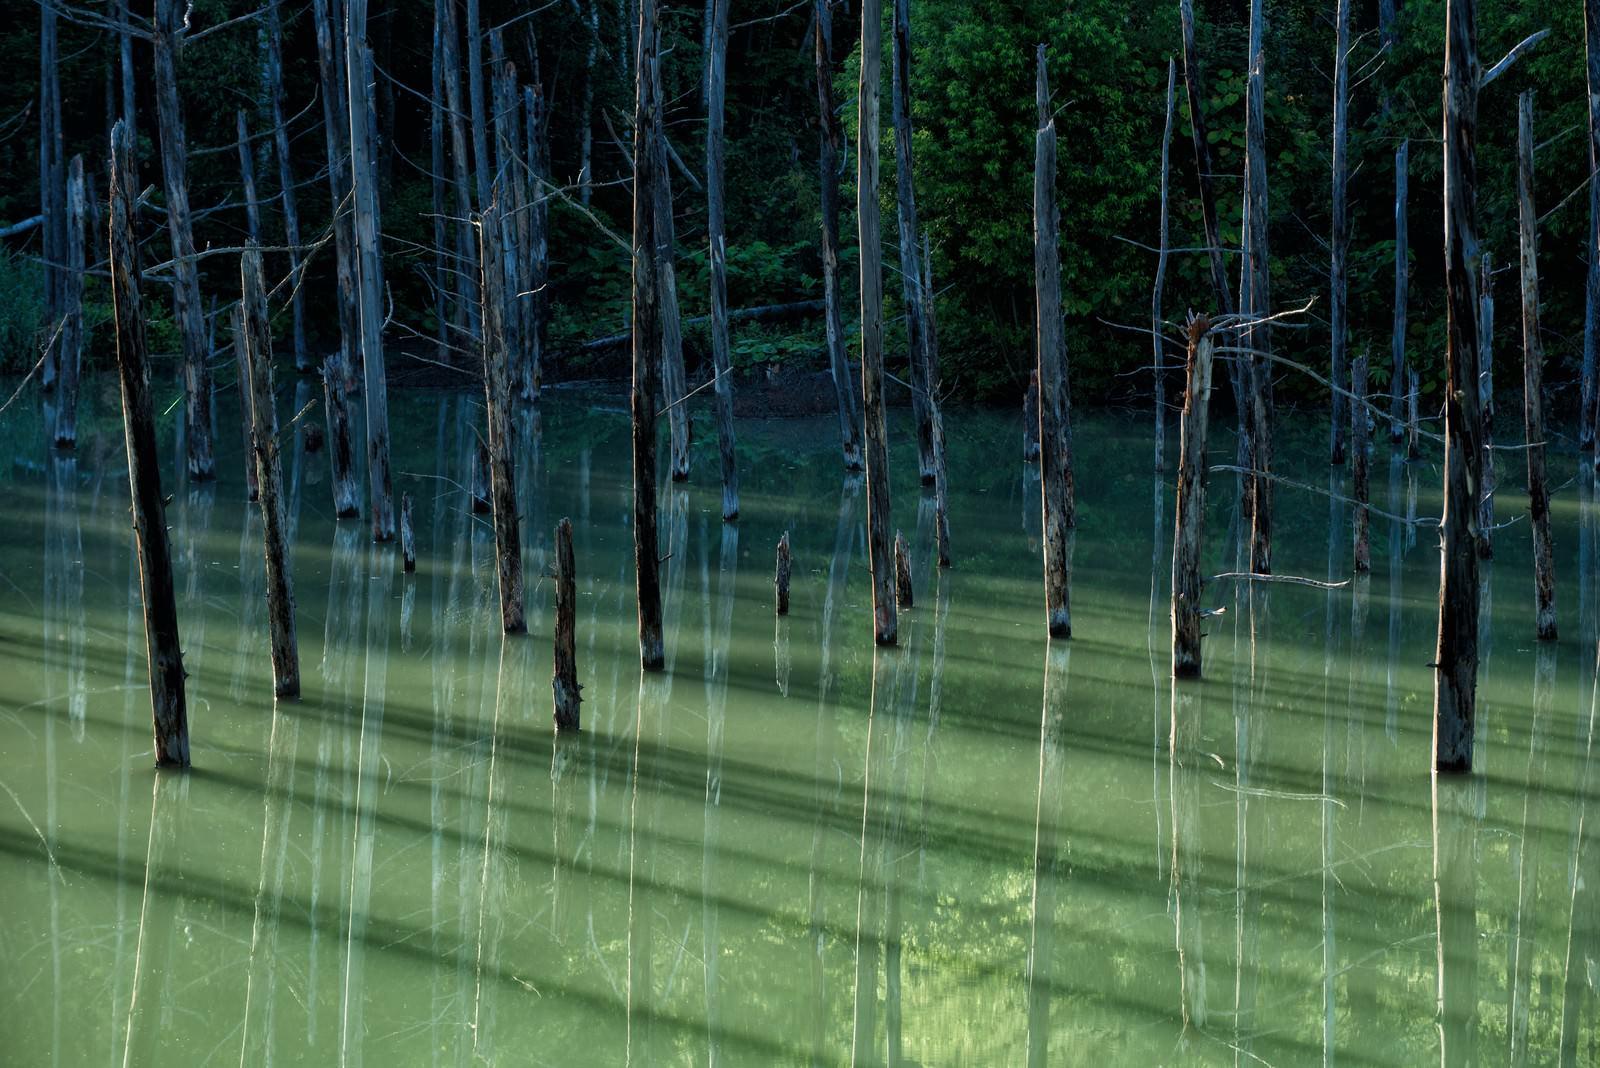 「青池の立ち枯れた木々が映る湖面」の写真